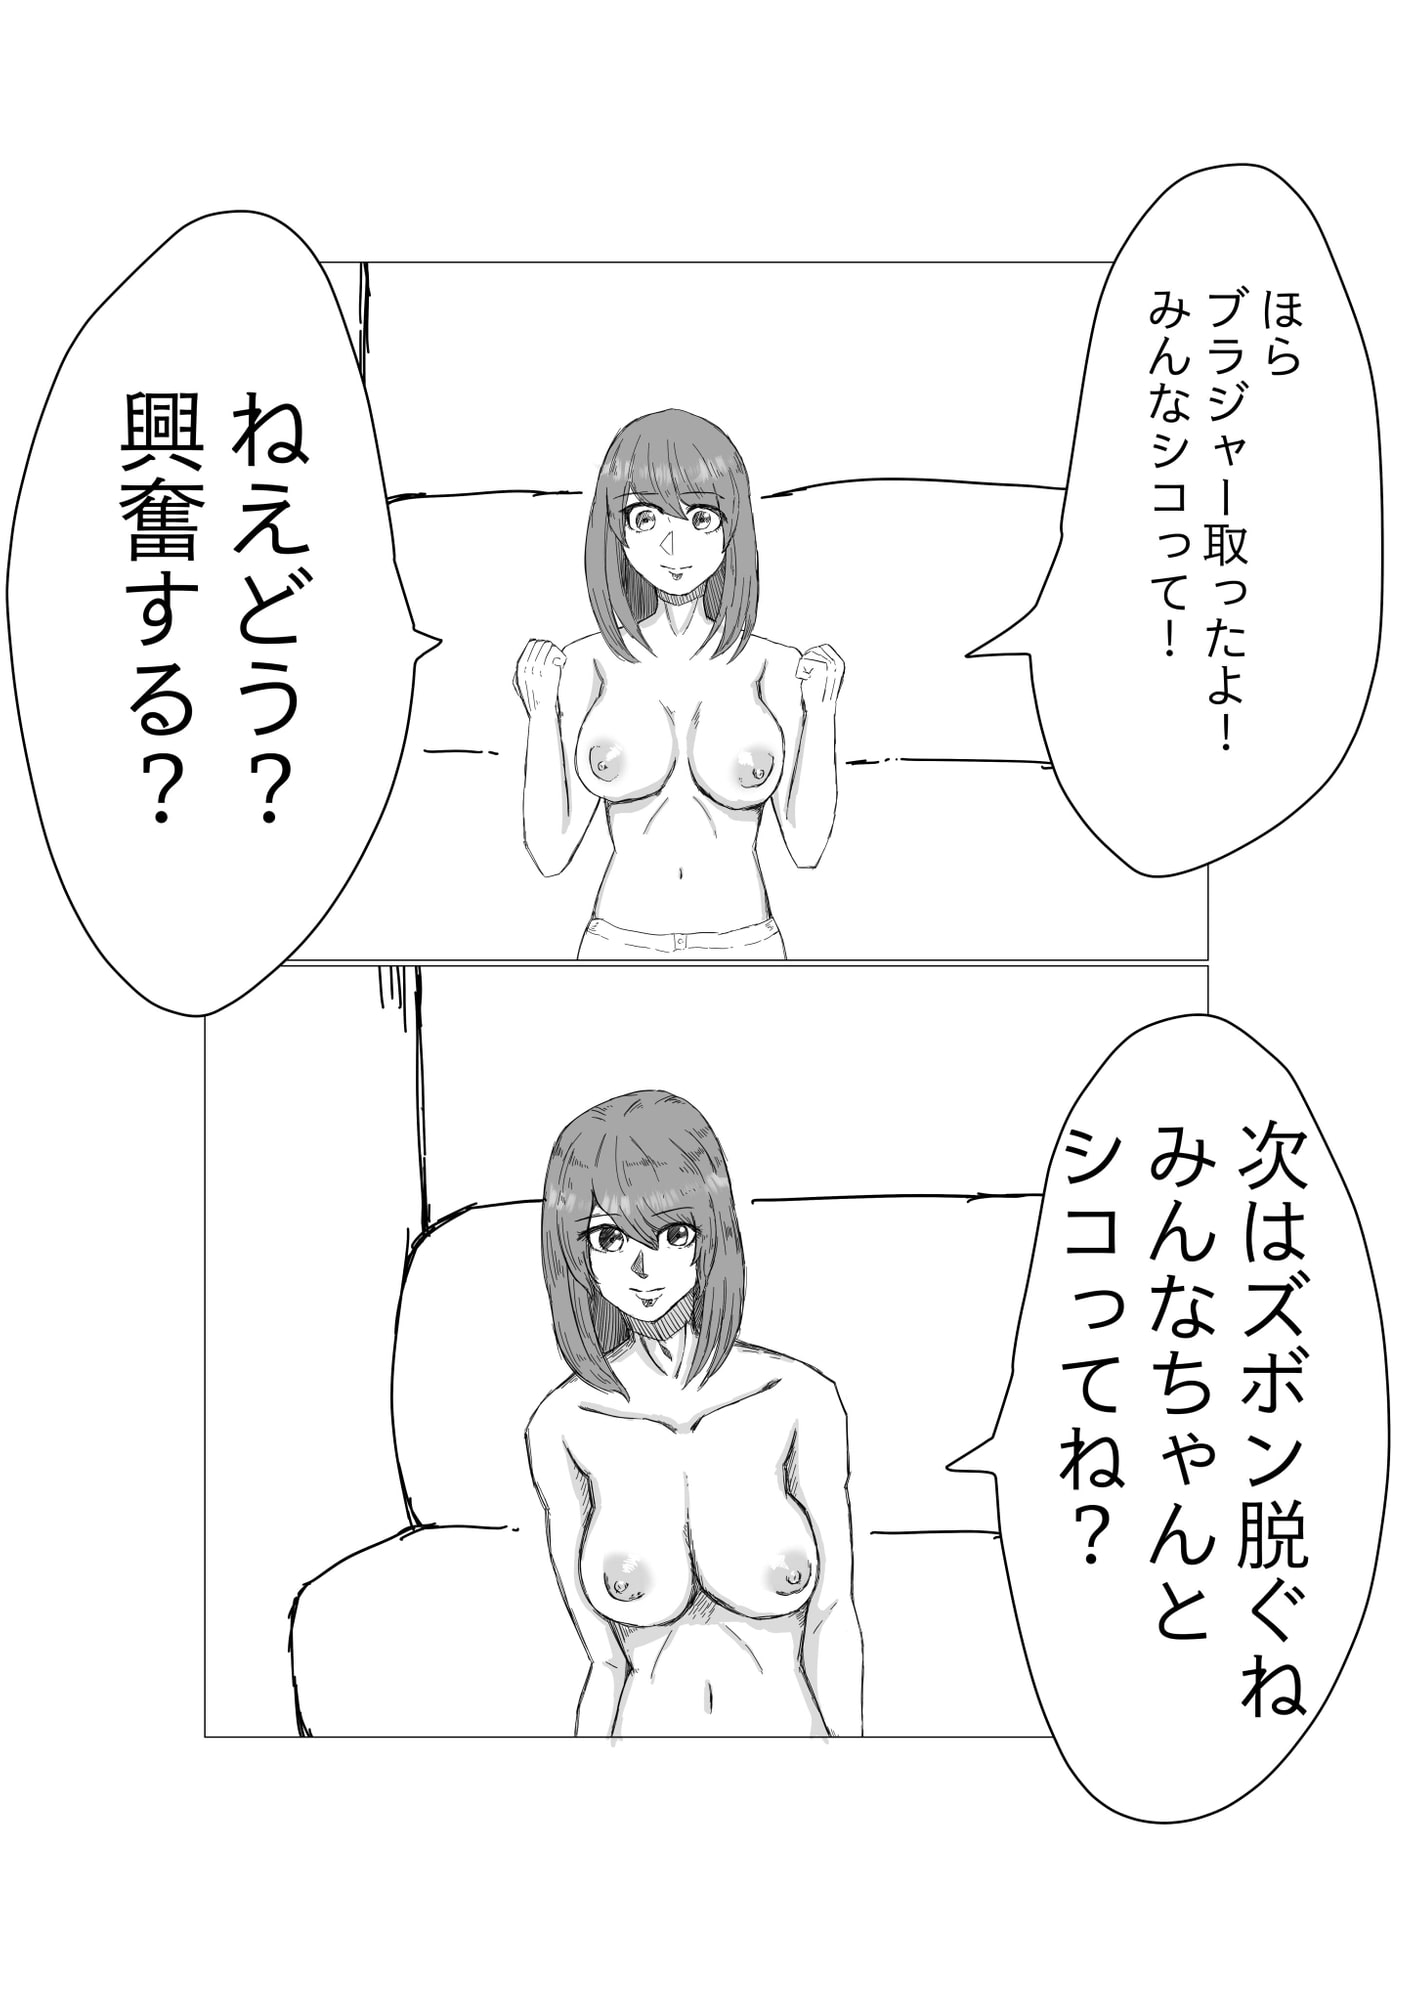 RJ344677 淫語ビデオ [20210924]